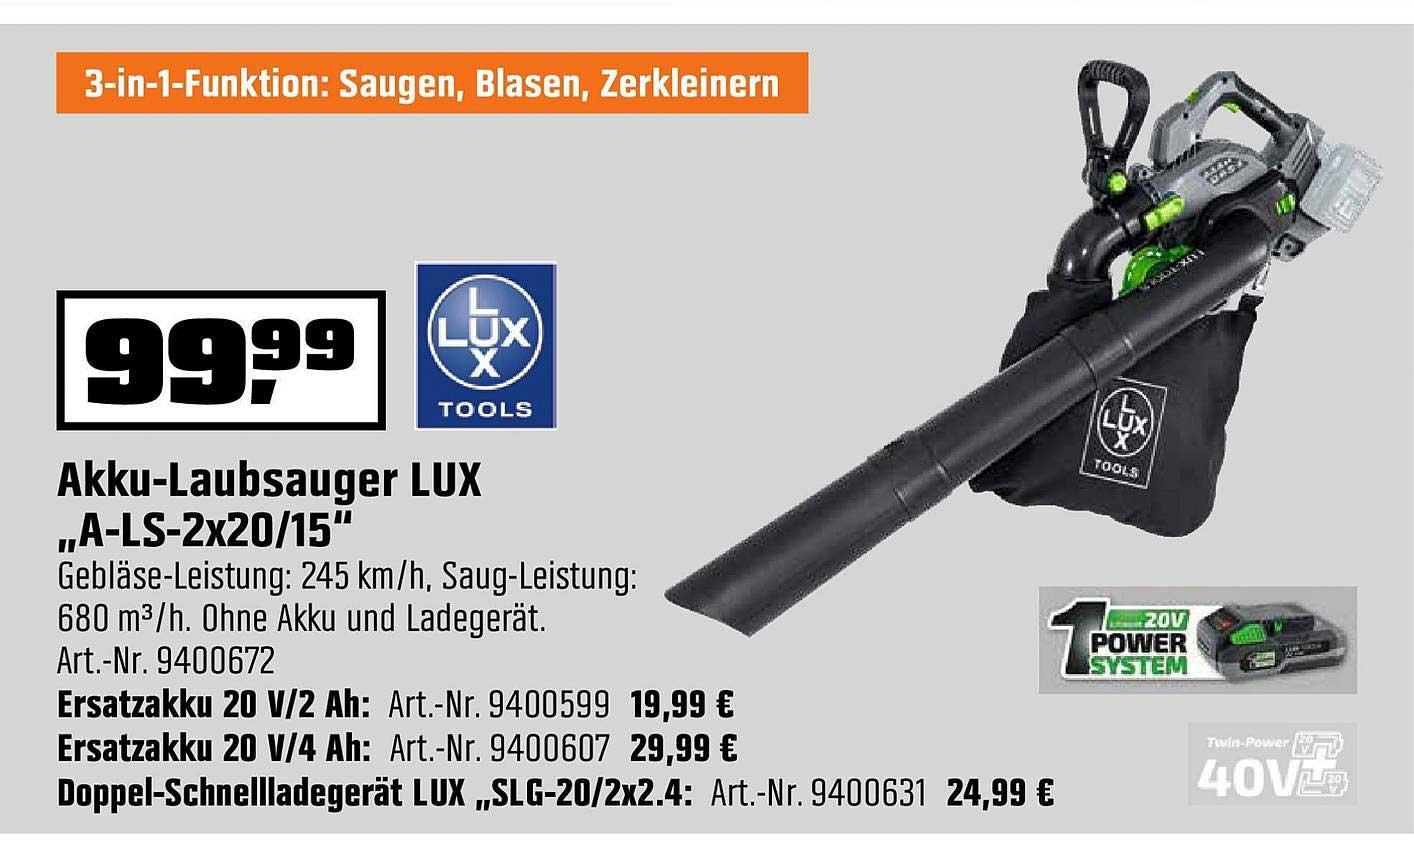 """OBI Akku Laubsauger Lux """"a Ls 2x20 15"""""""